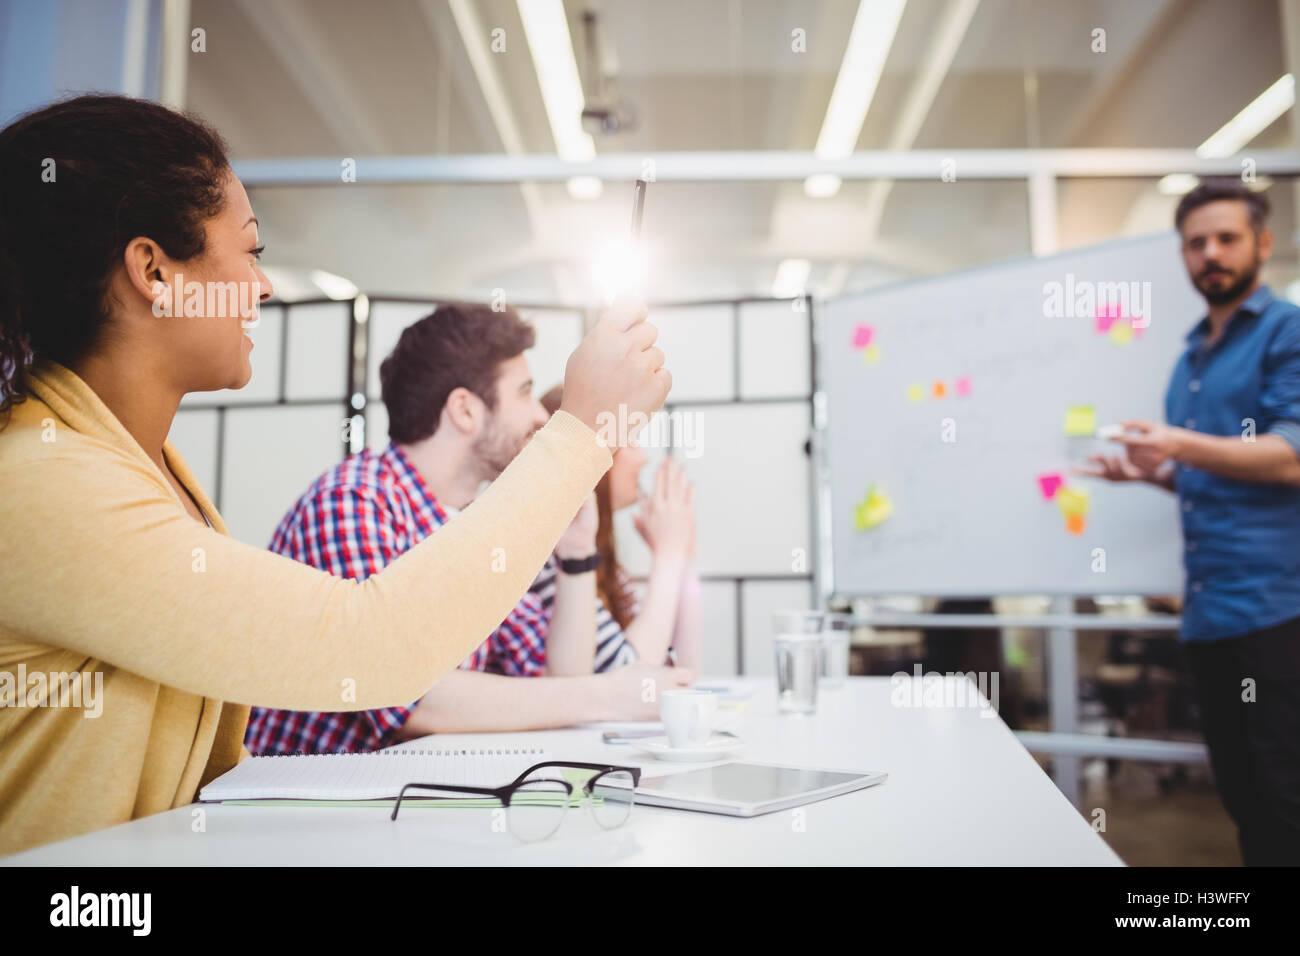 Kolleginnen und Kollegen im Sitzungssaal während der brainstorming-Sitzung am Kreativbüro Stockbild